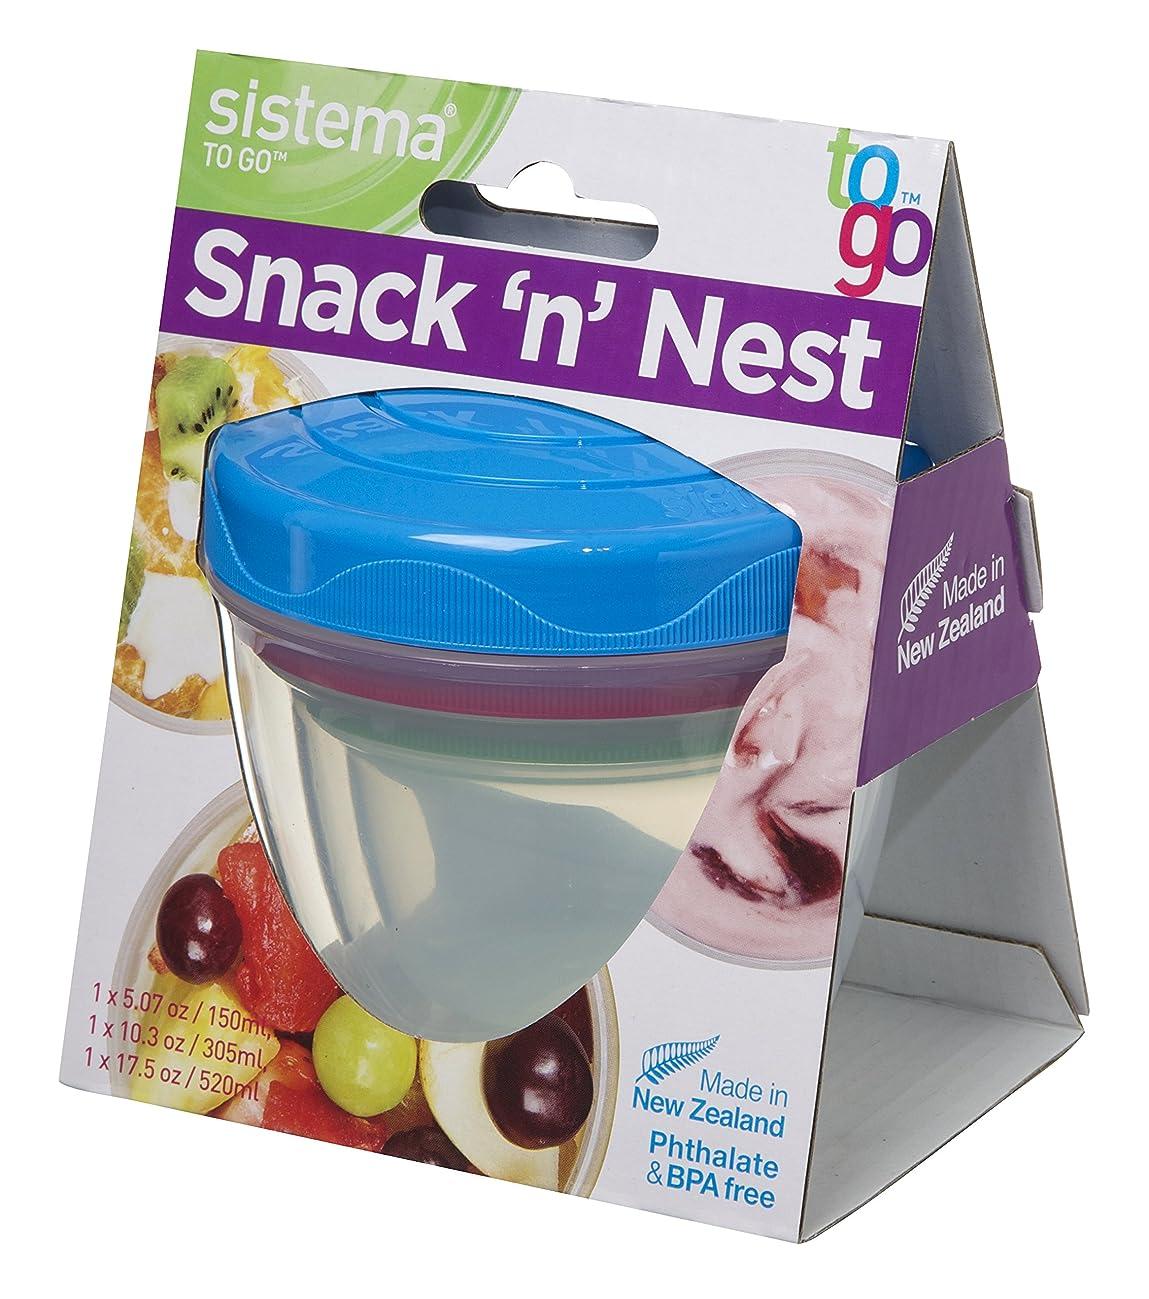 するだろうビバ五十Sistema To Go Collection Snack N' Nest Food Storage Containers with Twist Off Lid, Assorted Colors, Set of 3 by Sistema